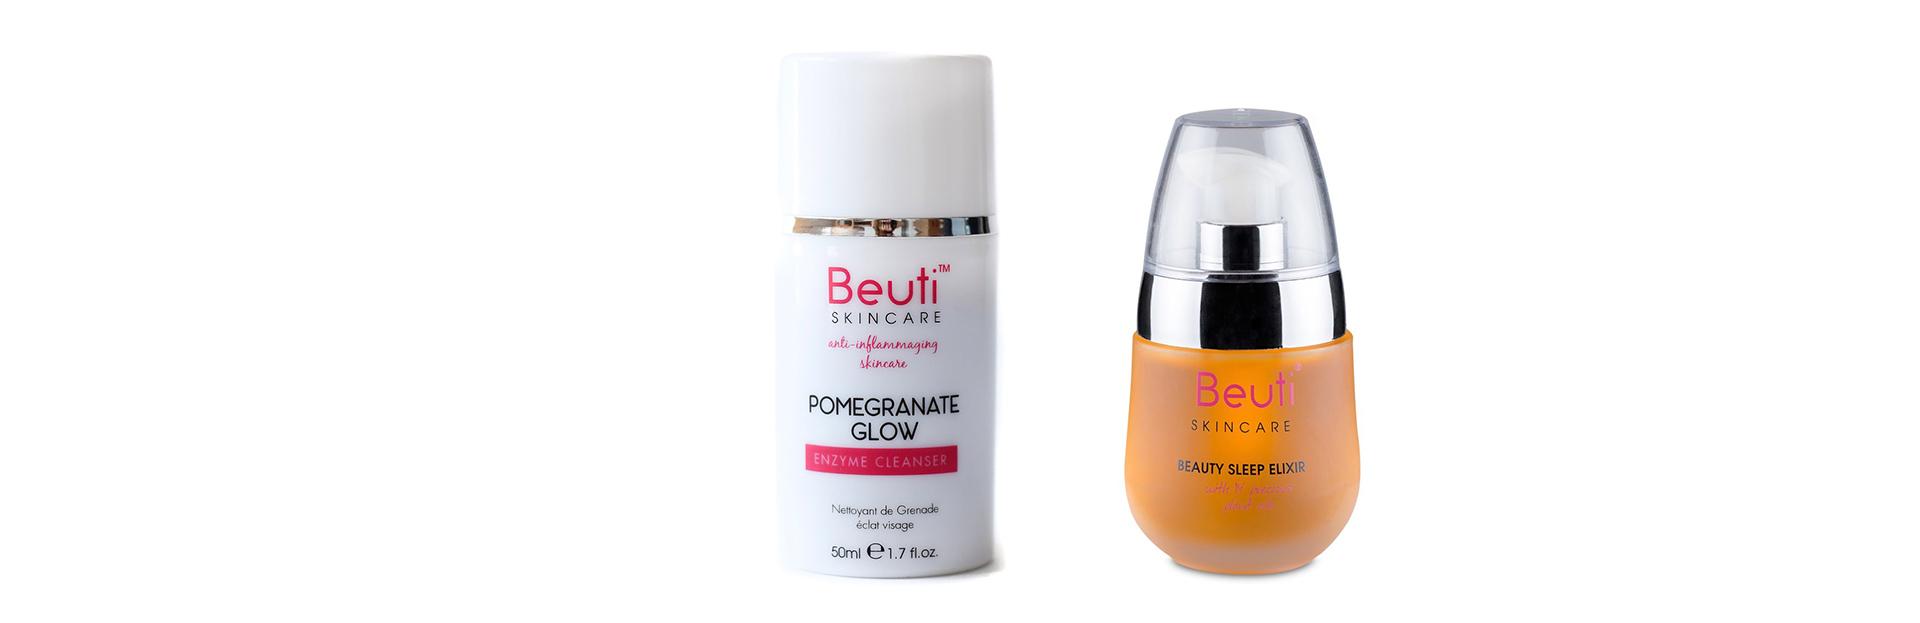 Beuti Skincare Produkte